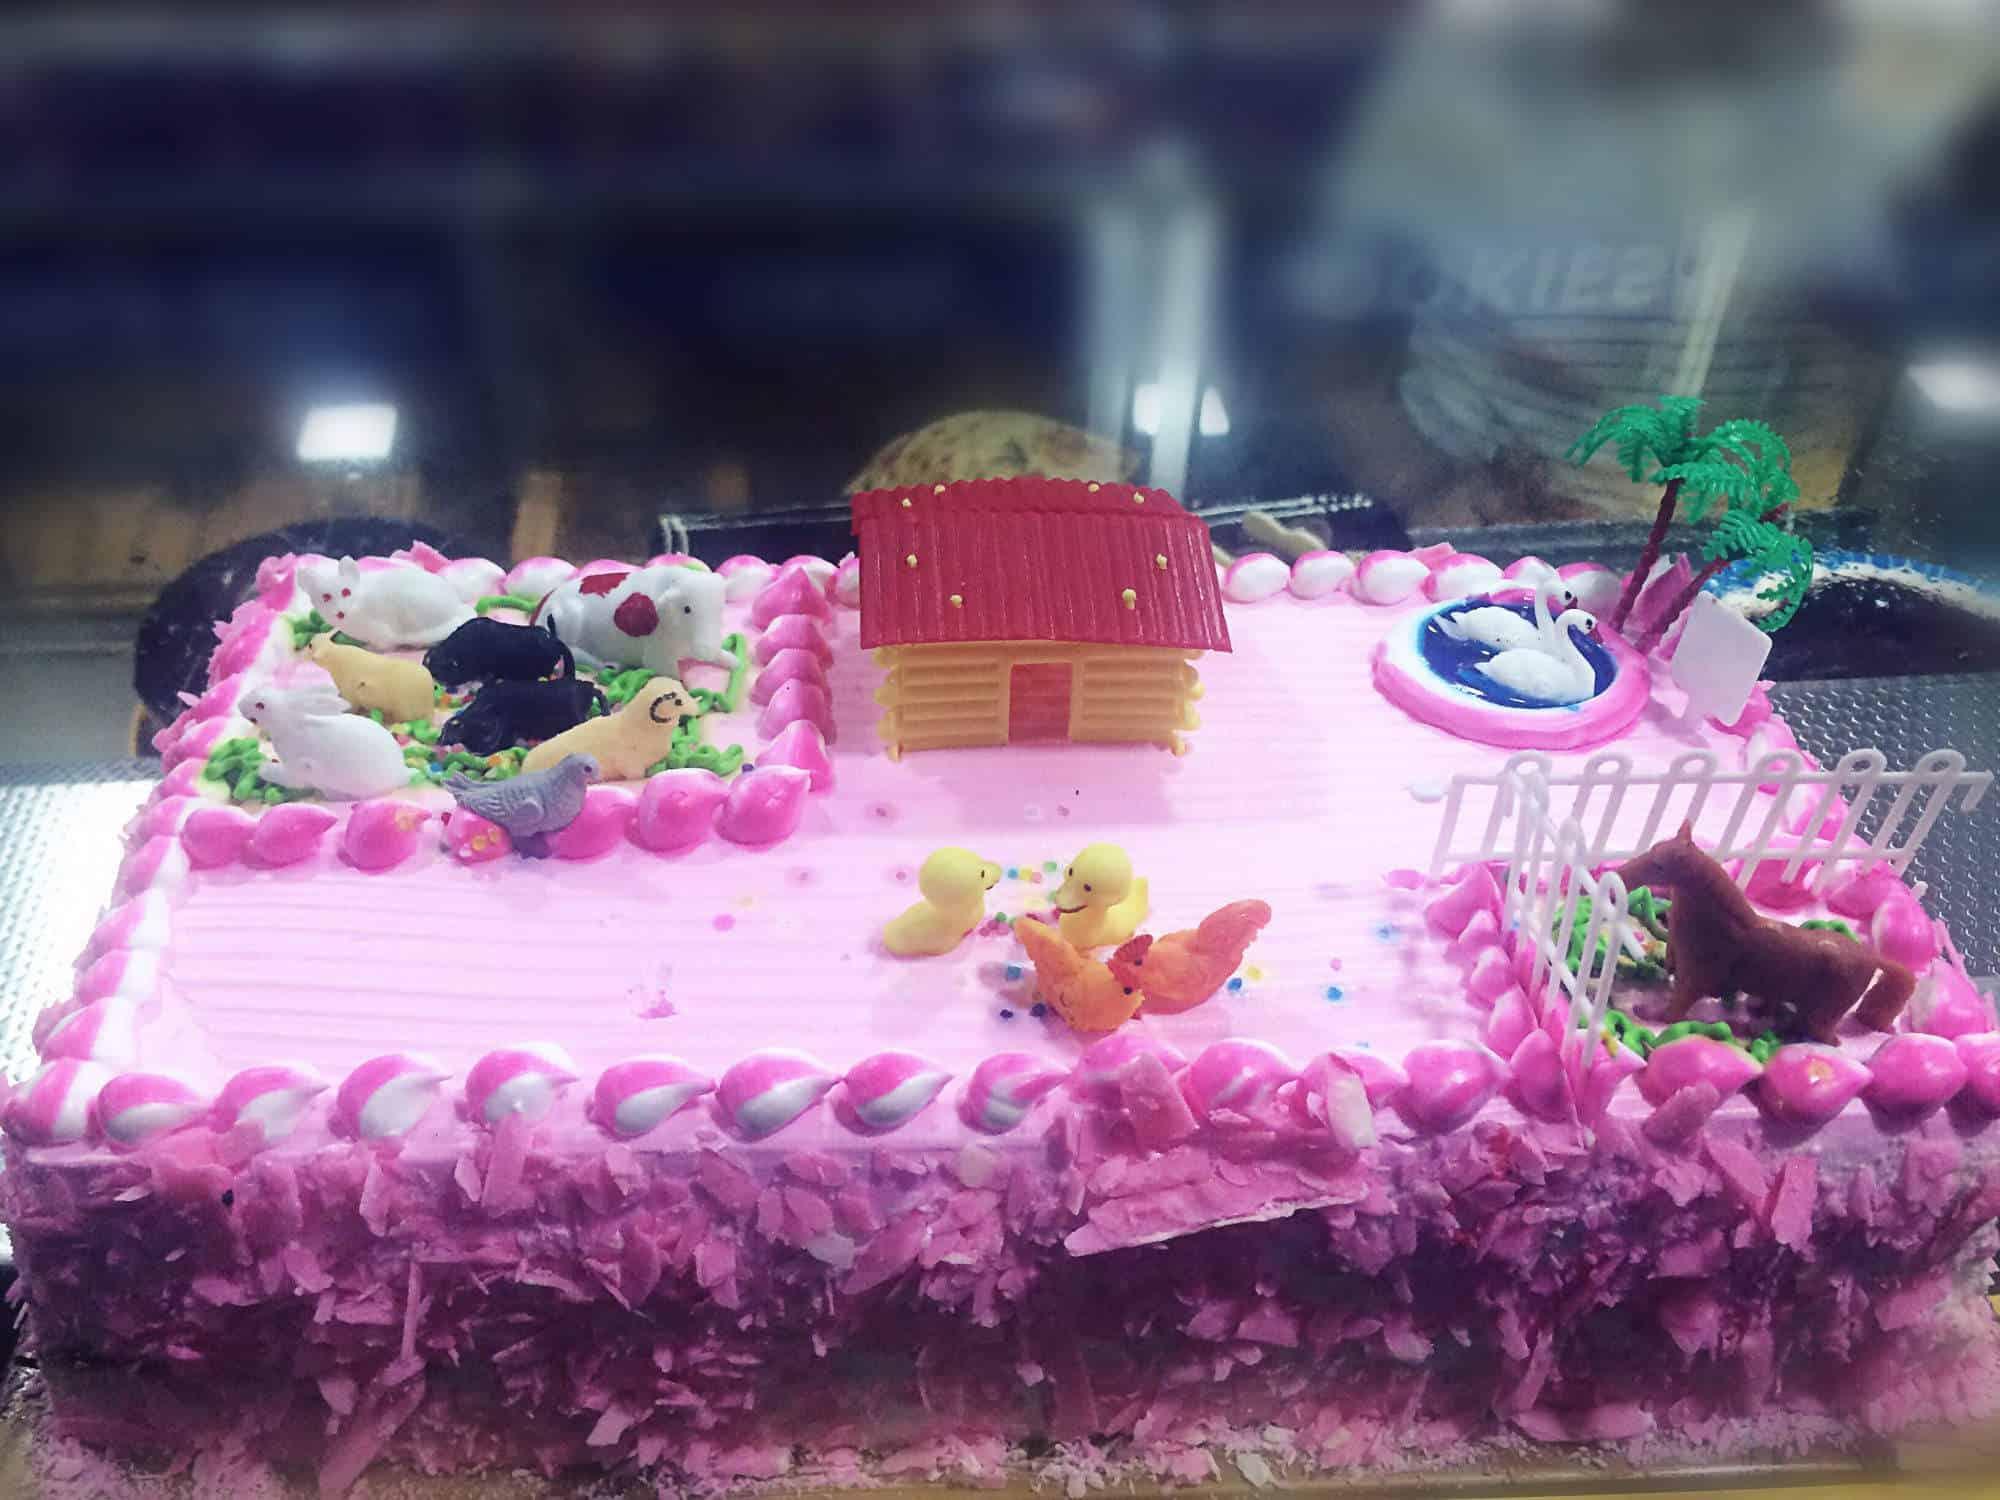 Monginis The Cake Shop, Katargam, Surat - Cake Shops - Justdial